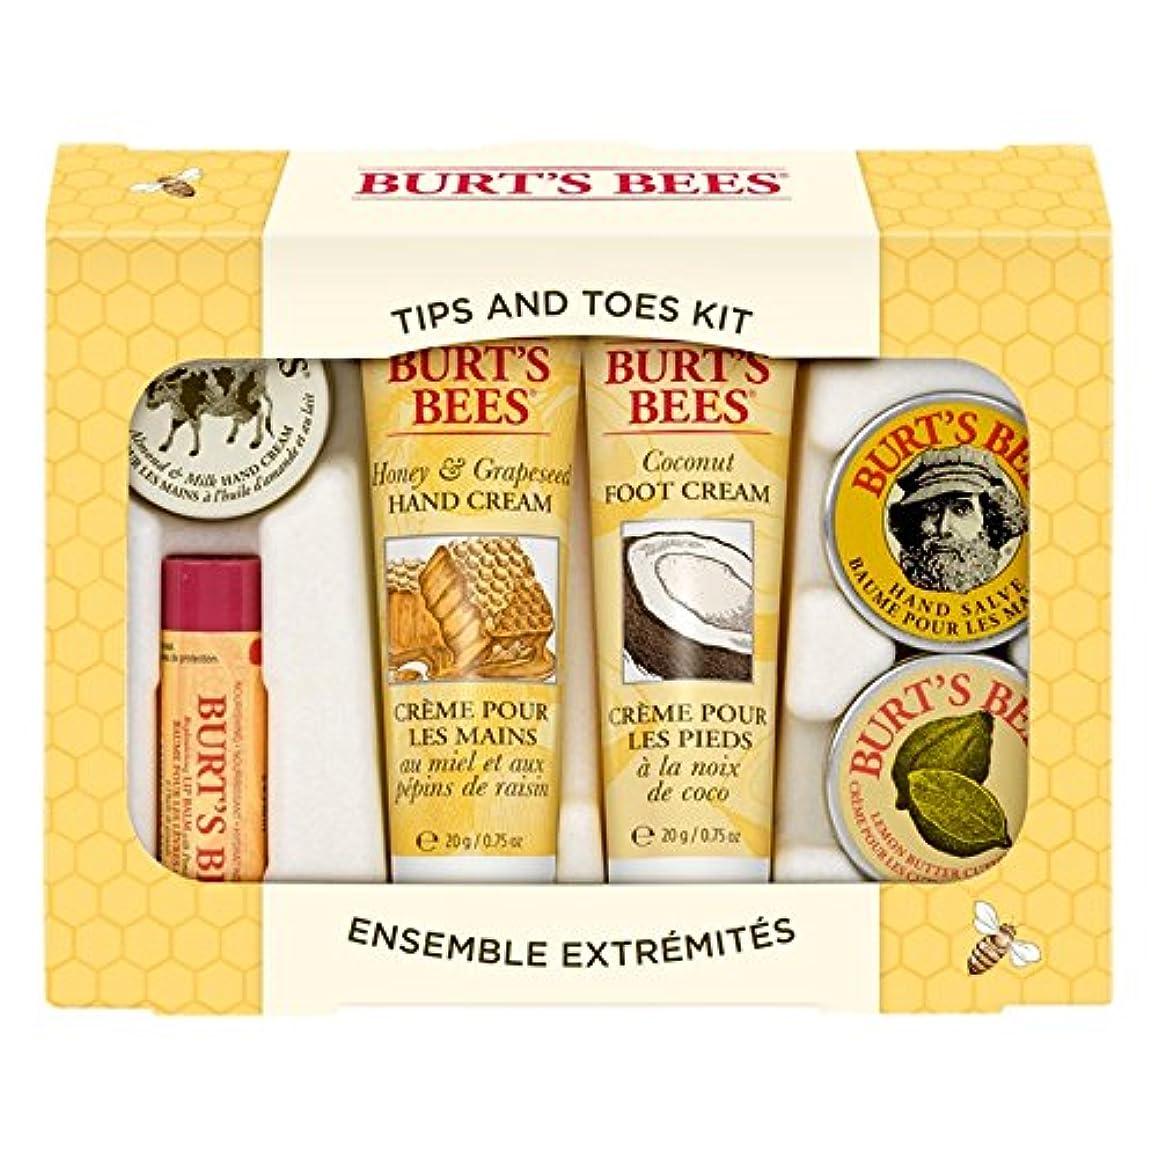 住む些細な別のバーツビーのヒントとつま先はスターターキットをスキンケア (Burt's Bees) (x6) - Burt's Bees Tips And Toes Skincare Starter Kit (Pack of 6) [...